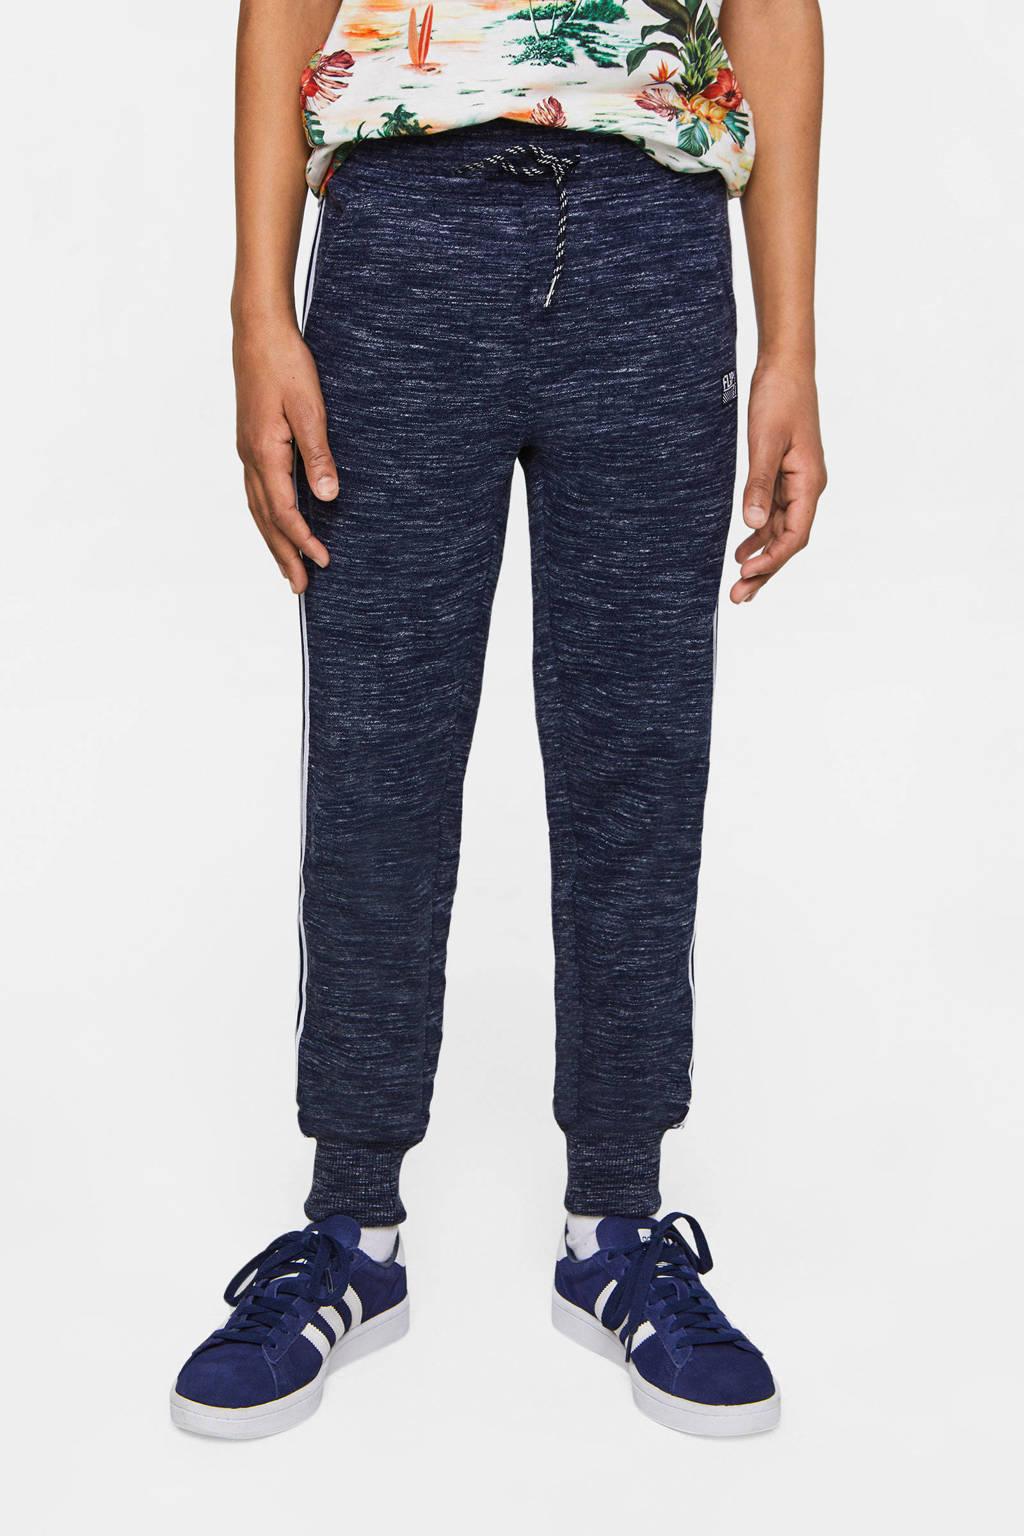 WE Fashion   gemêleerde joggingbroek met zijstreep donkerblauw, Donkerblauw